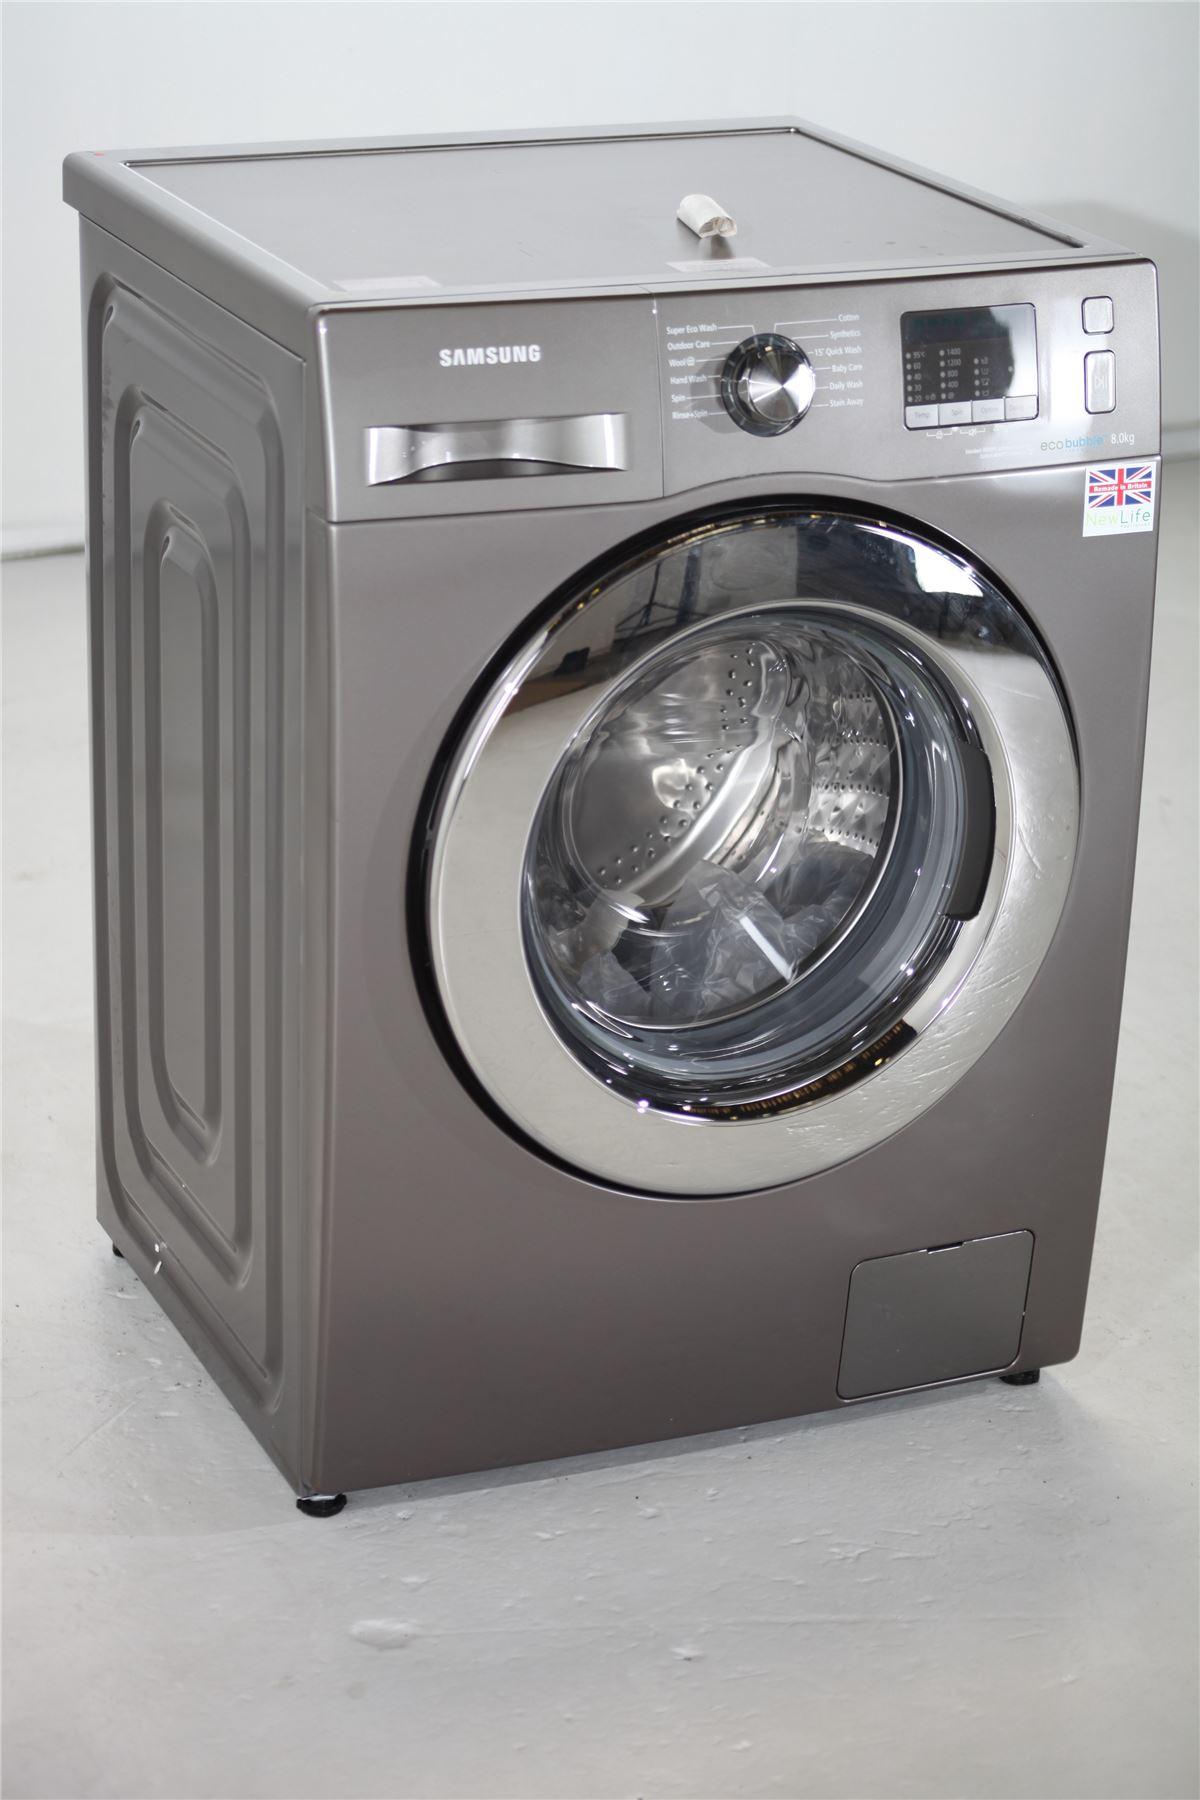 k 564150 samsung 8kg ecobubble washing machine. Black Bedroom Furniture Sets. Home Design Ideas